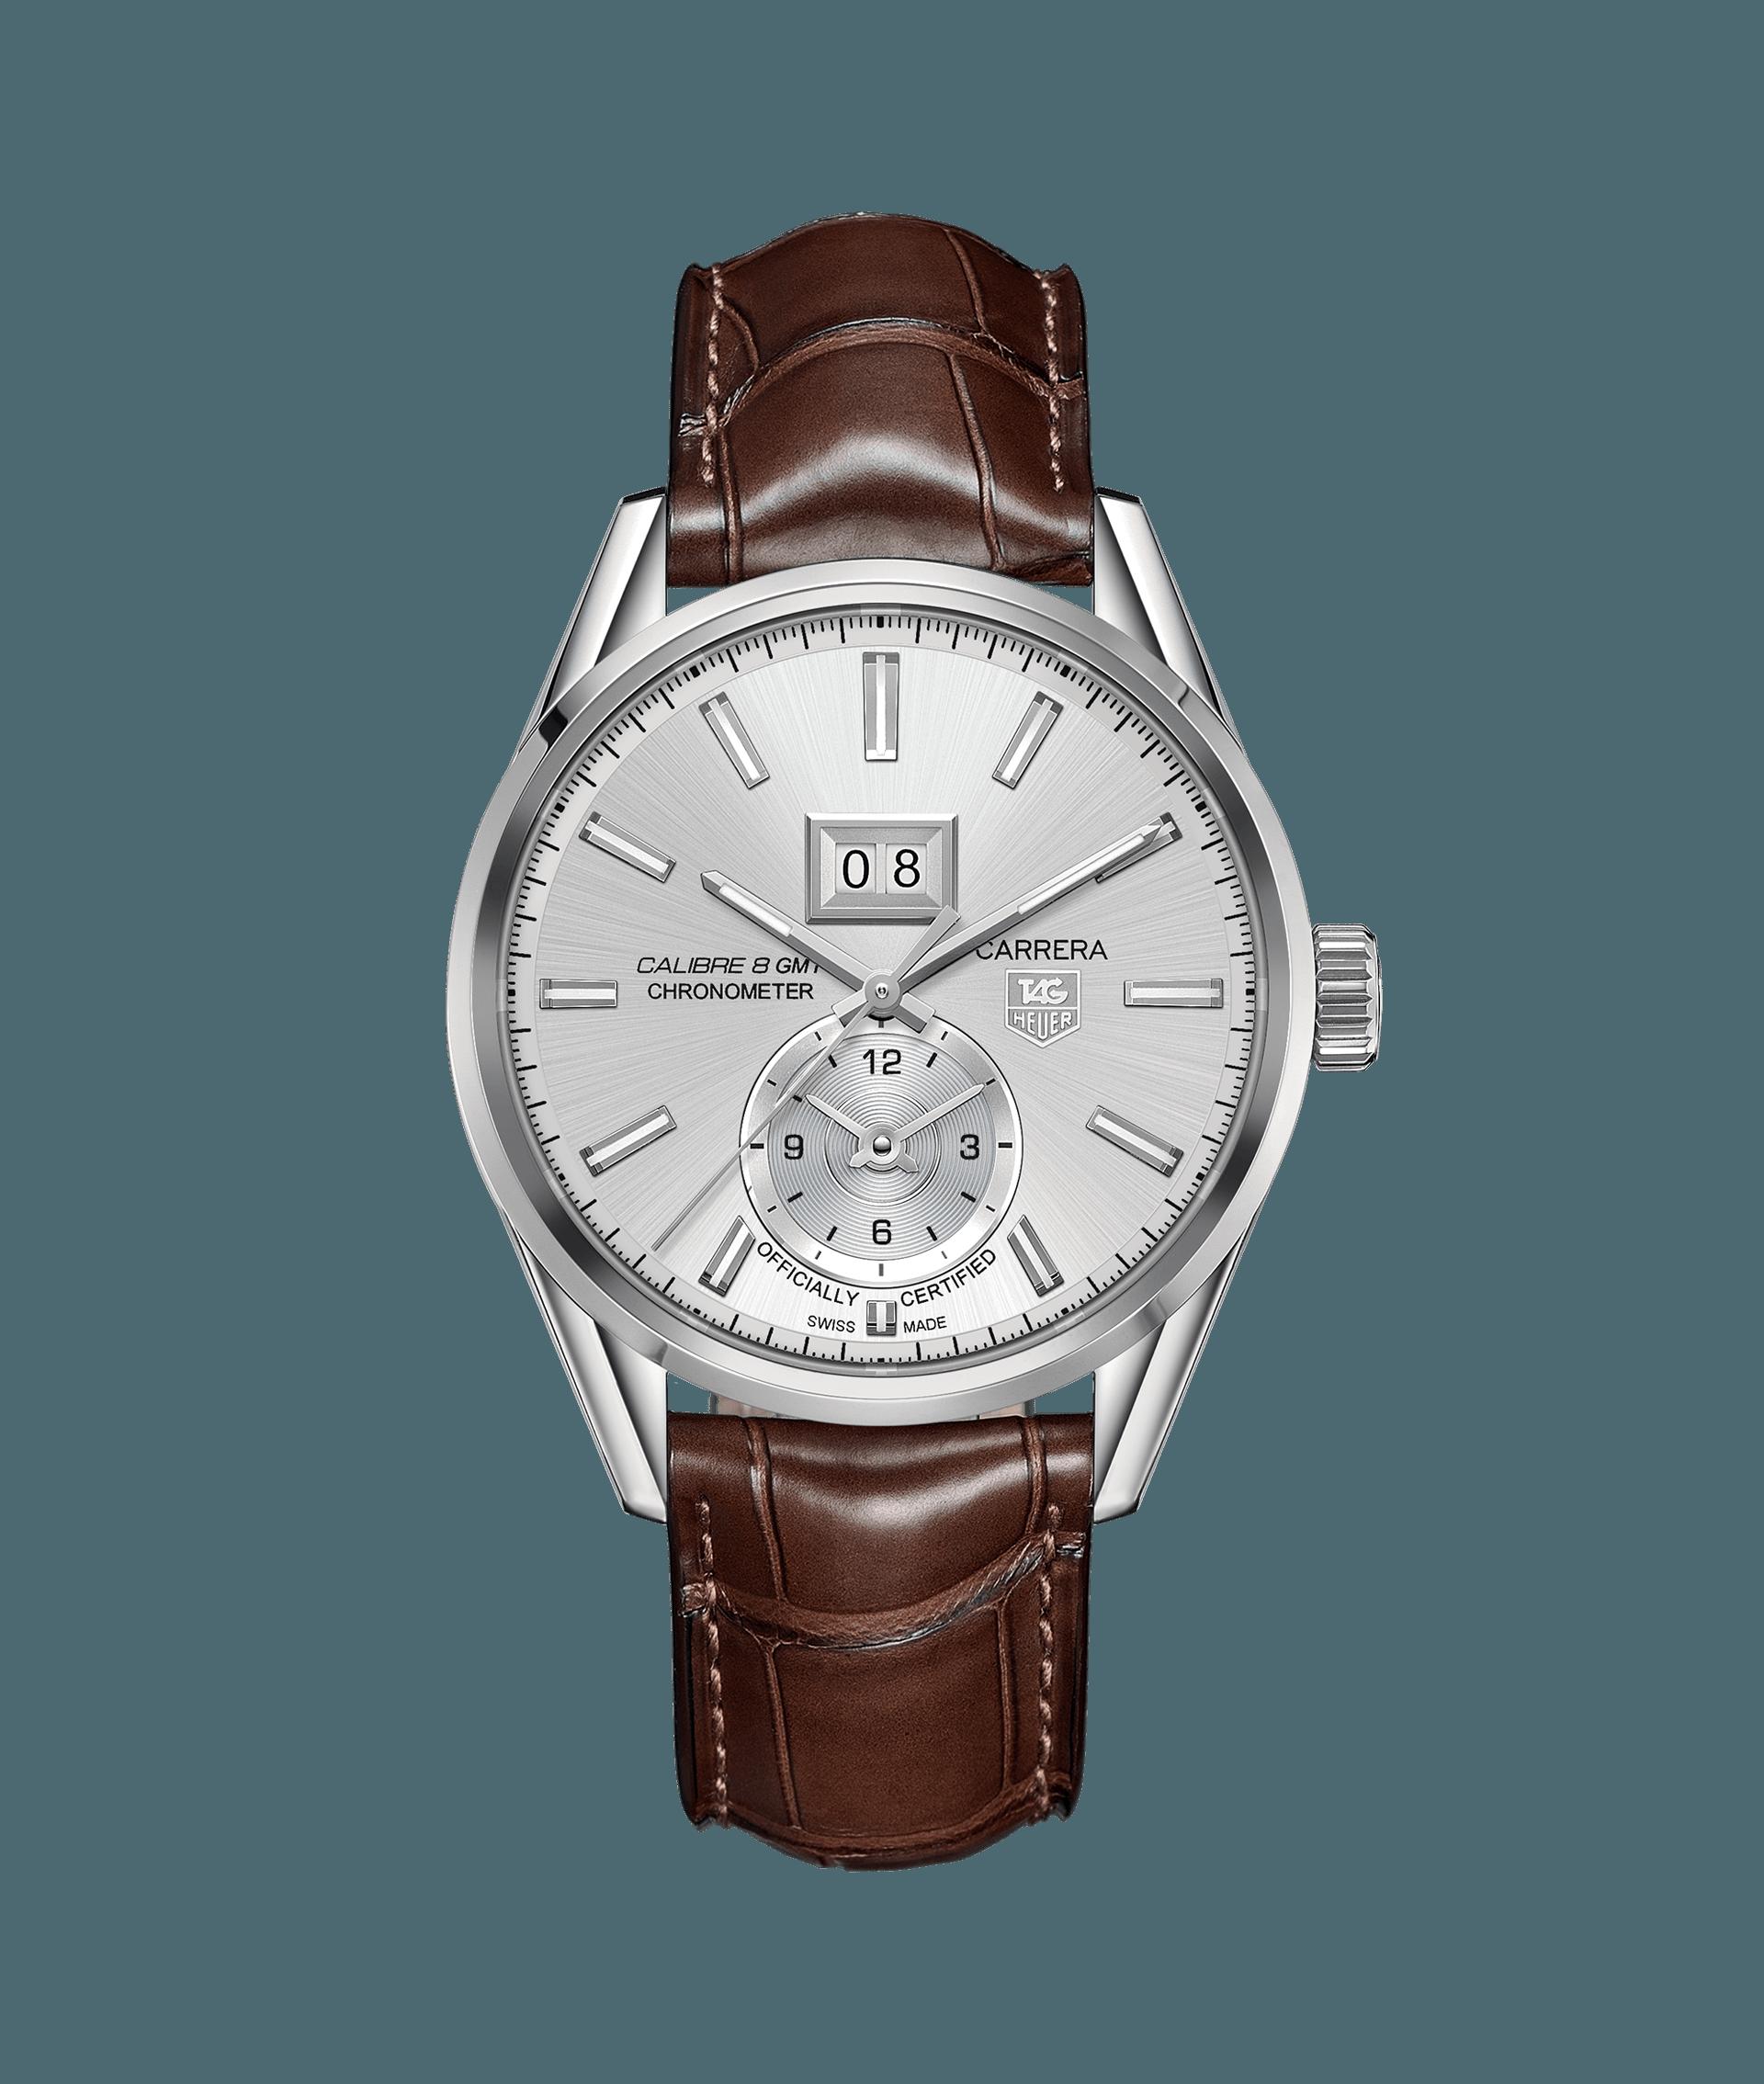 タグ・ホイヤー カレラ オートマティック GMTグランドデイト WAR5011.FC6291